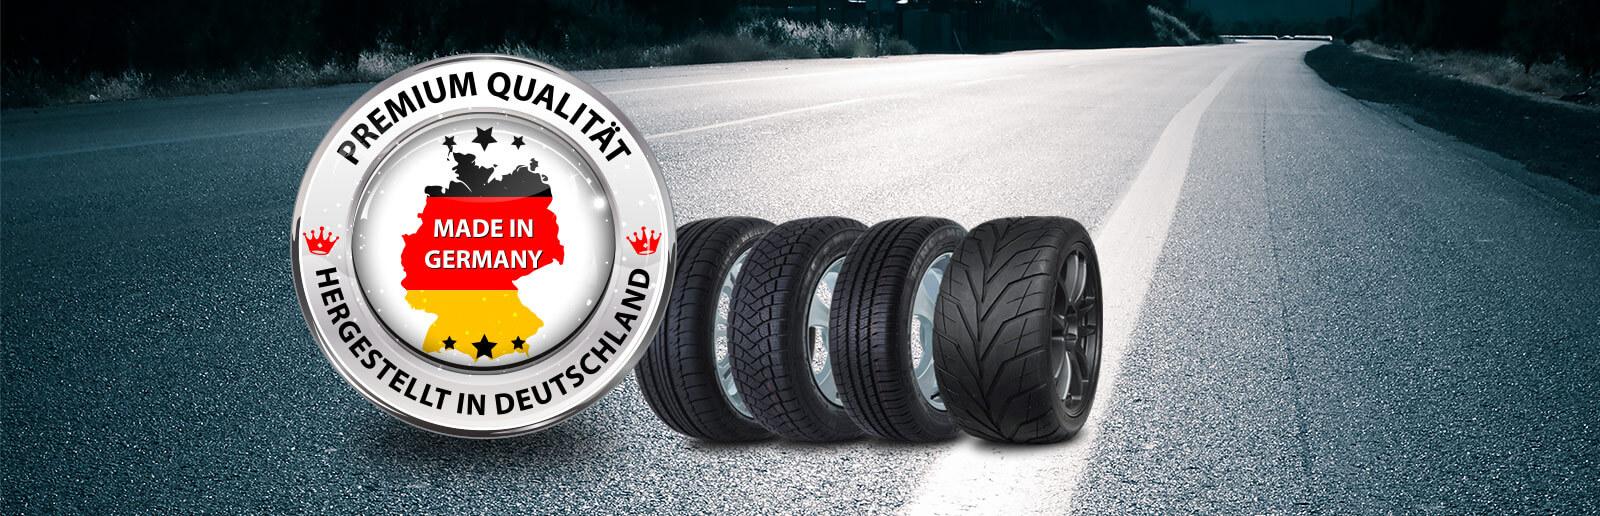 King Meiler Reifen - Runderneuerte Reifen mit deutscher Qualität